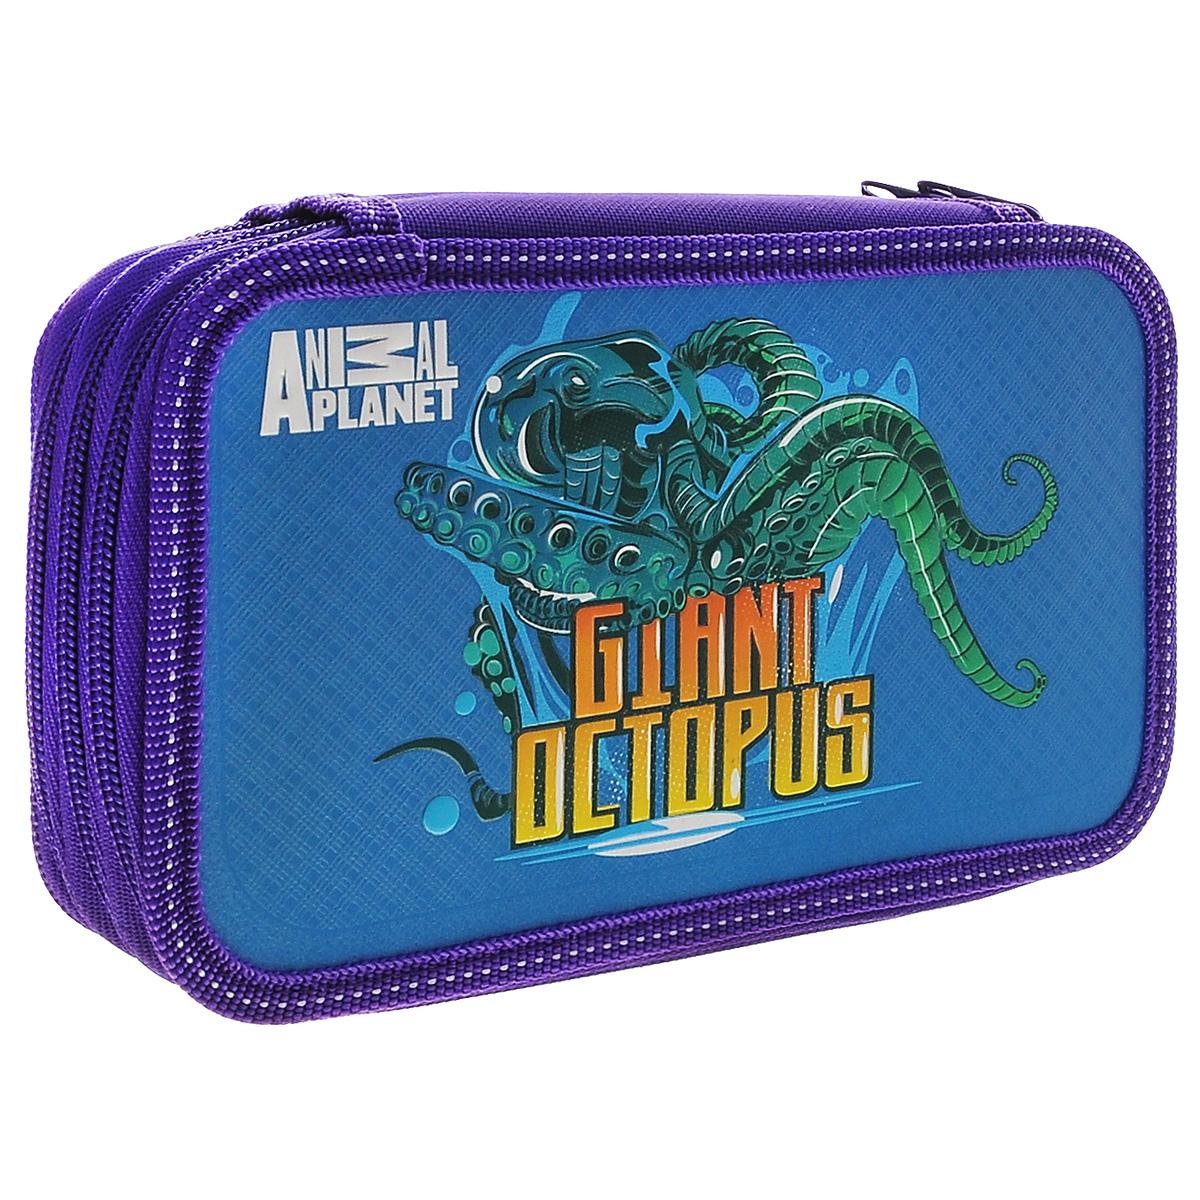 Action! Пенал Animal Planet: Giant Octopus, без наполненияAP-PC03-02_фиолетовый, синийПенал Action! Animal Planet: Giant Octopus, произведенный из качественных материалов, содержит три отделения на молнии. Каждое отделение пенала оснащено держателями для канцелярских принадлежностей. Яркий и красочный пенал вместит в себя все самые необходимые принадлежности для учебы. Пенал Action! станет отличным помощником ребенку во время занятий.